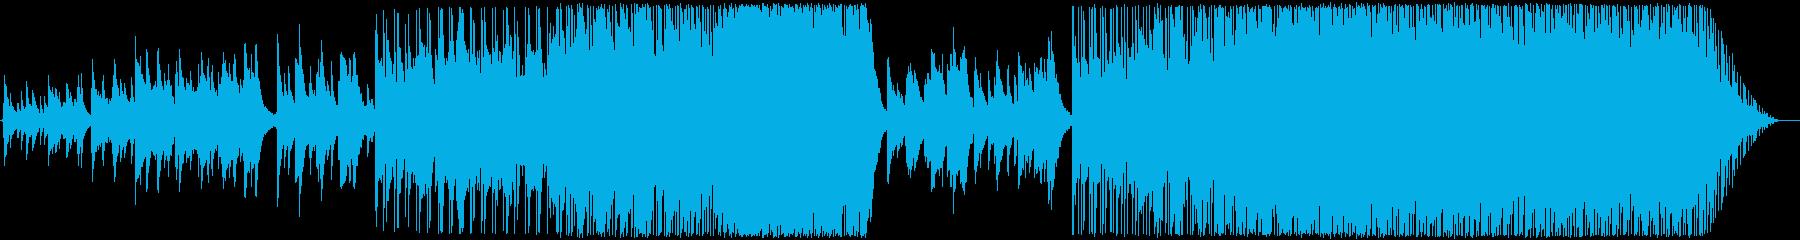 瞑想的なテーマのポップ/ロック楽器...の再生済みの波形